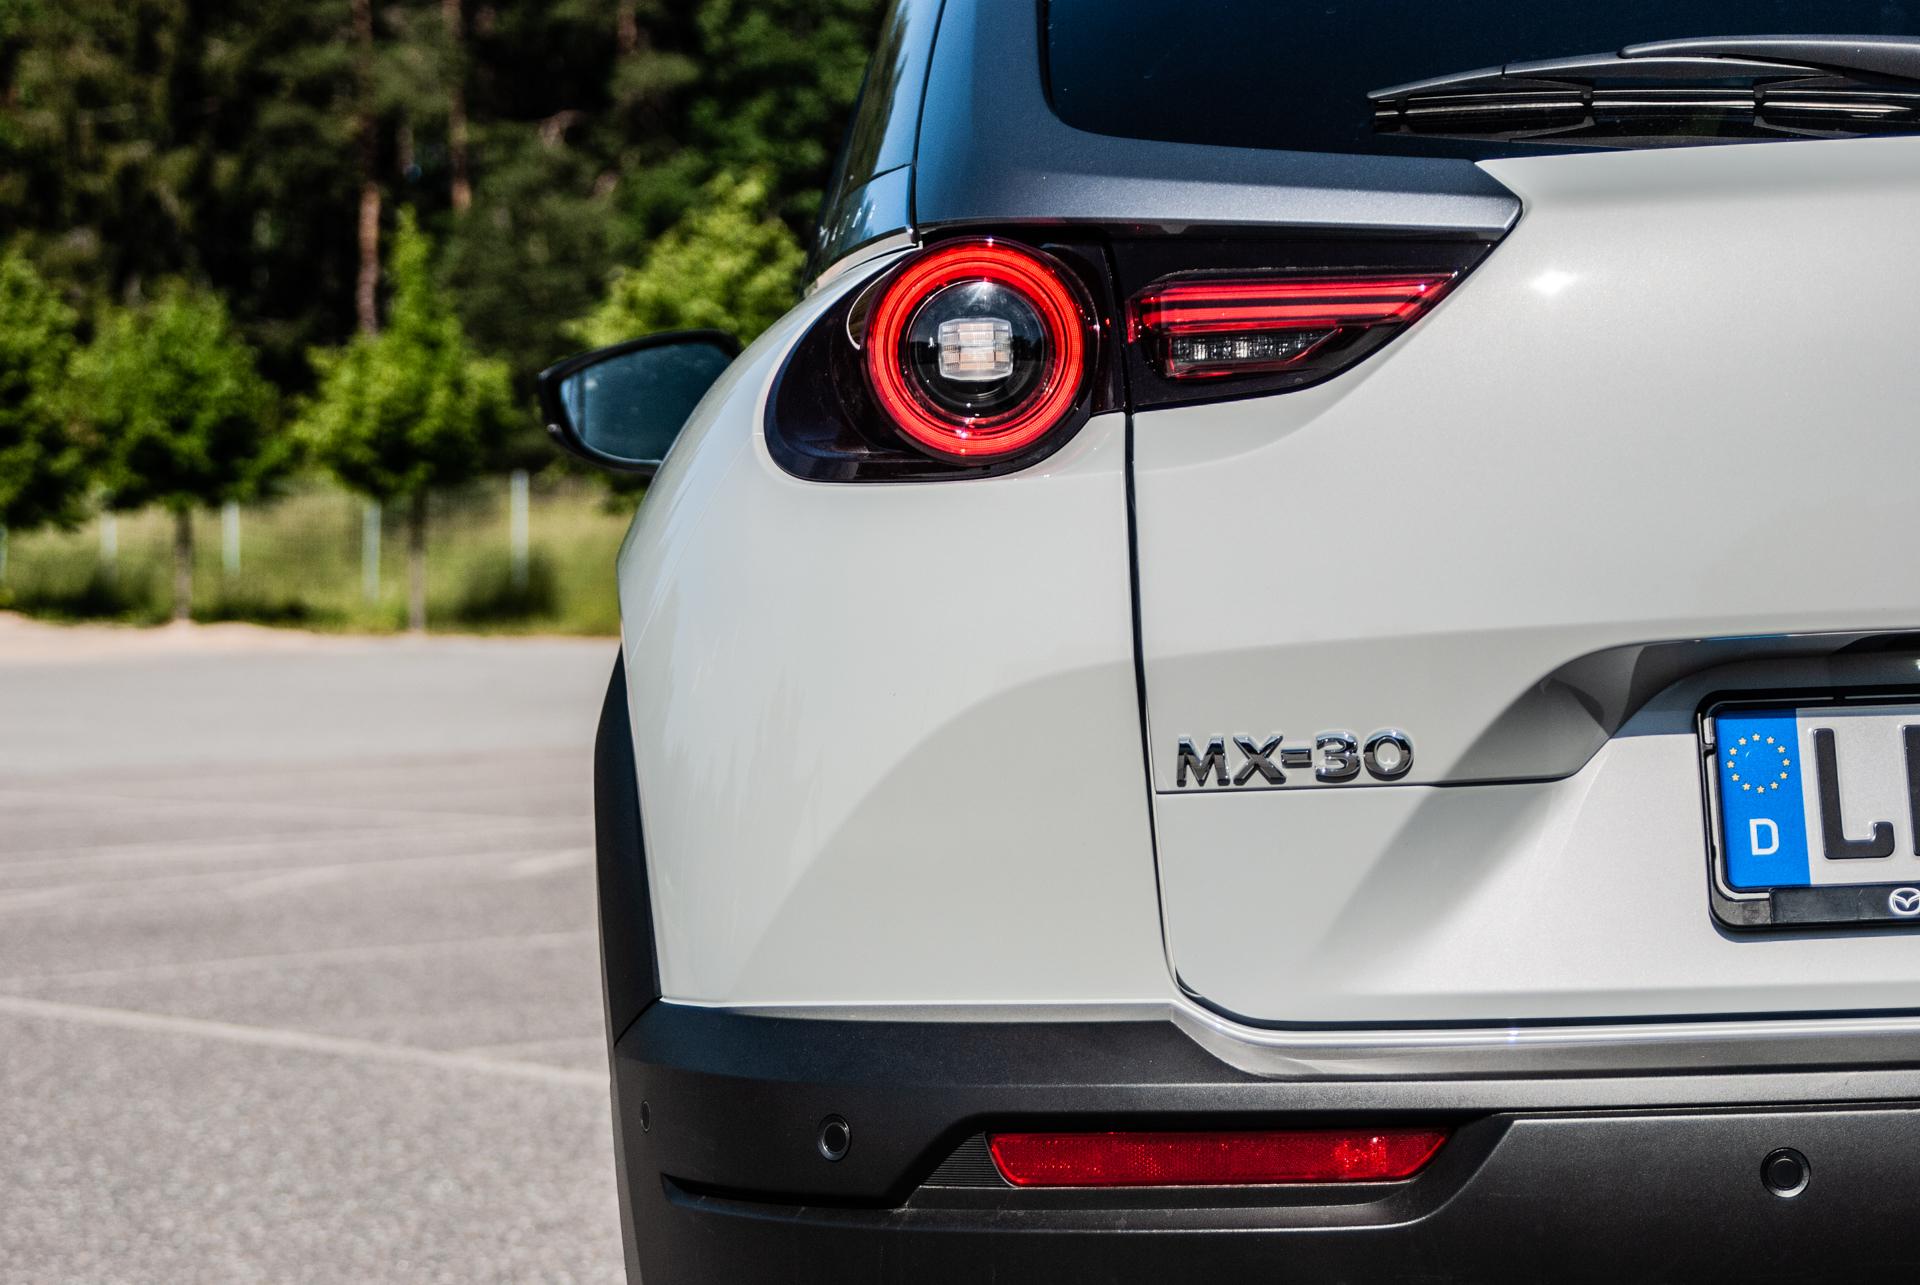 Baklykta och emblem på en vit Mazda MX-30